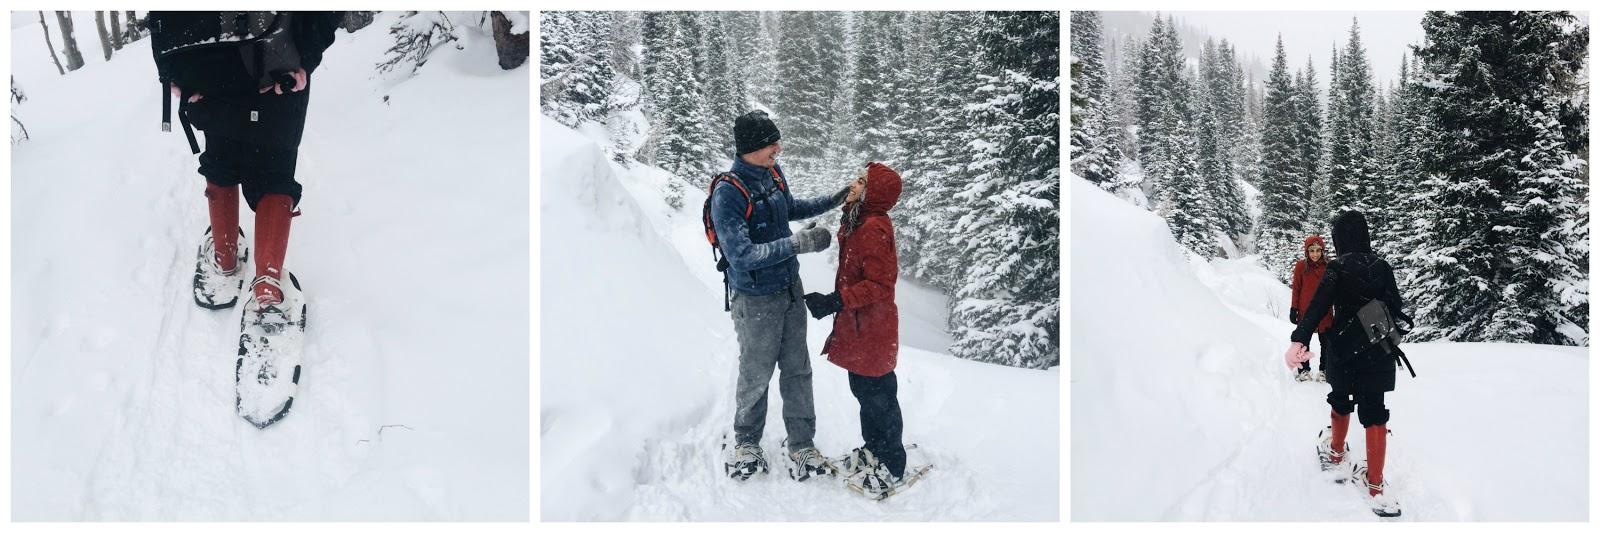 Bear Lake Trailhead Snowshoeing